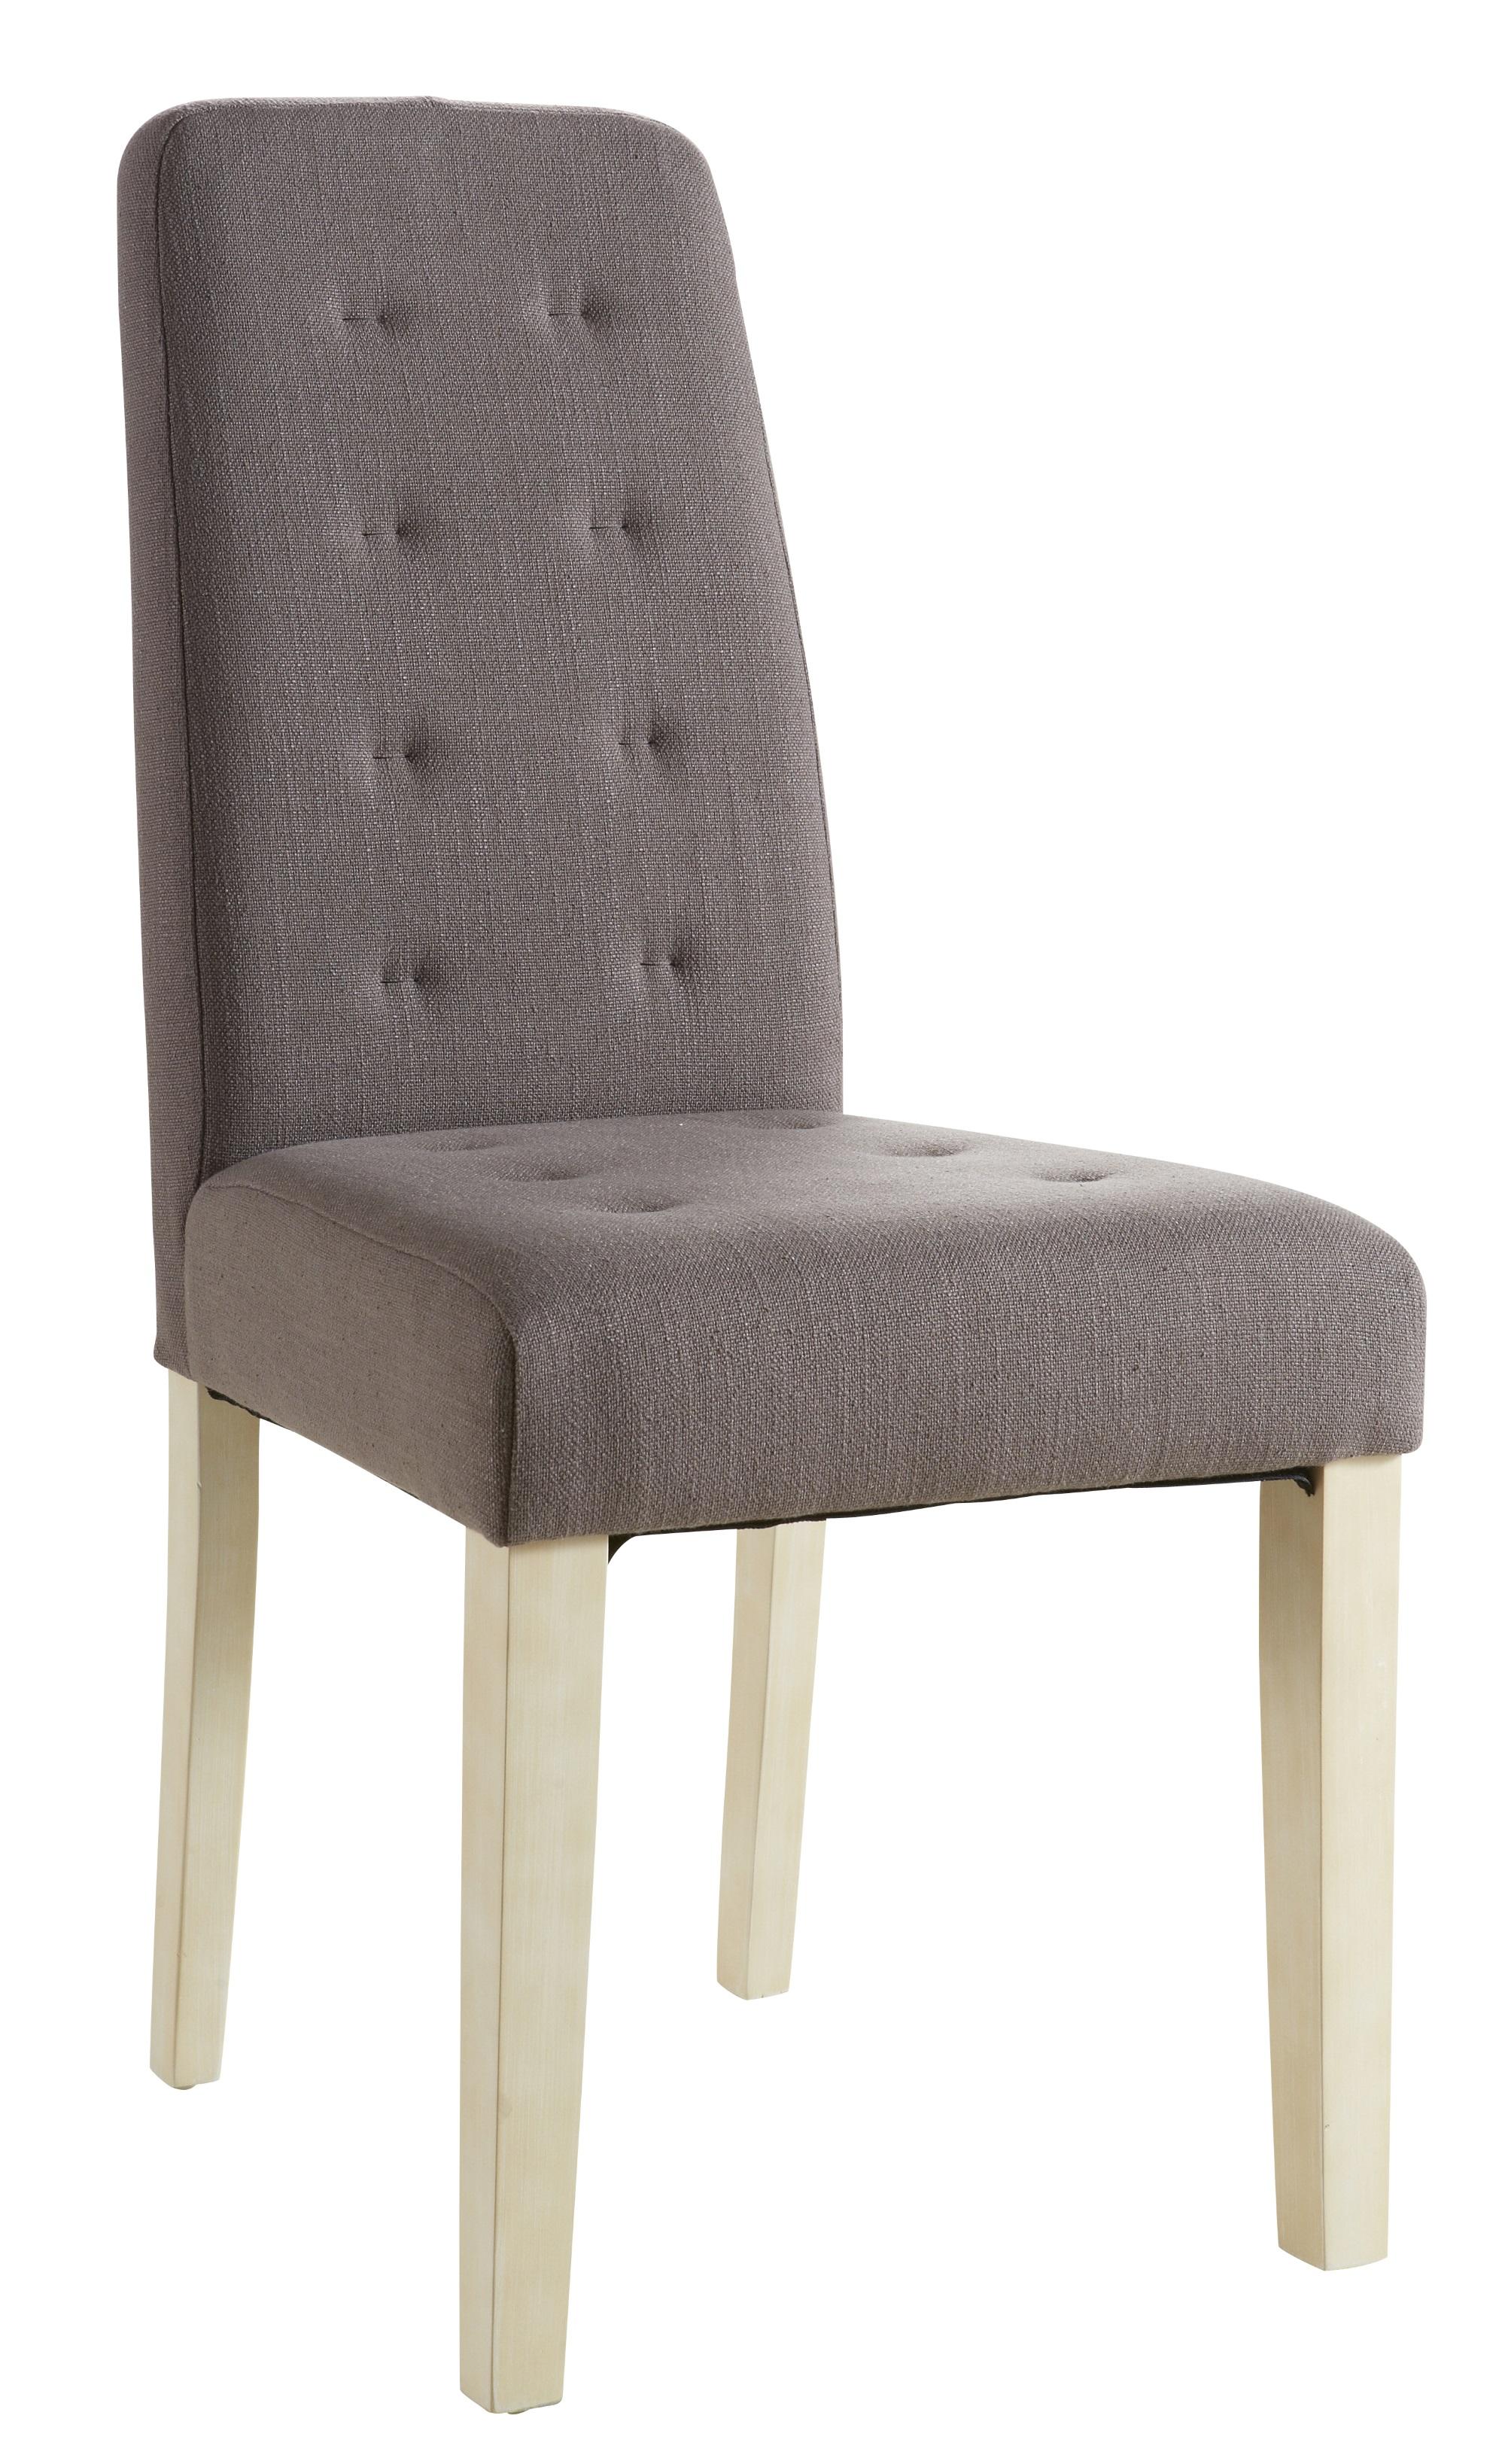 Chaise de salle à manger contemporaine en tissu taupe (lot de 2) Algar